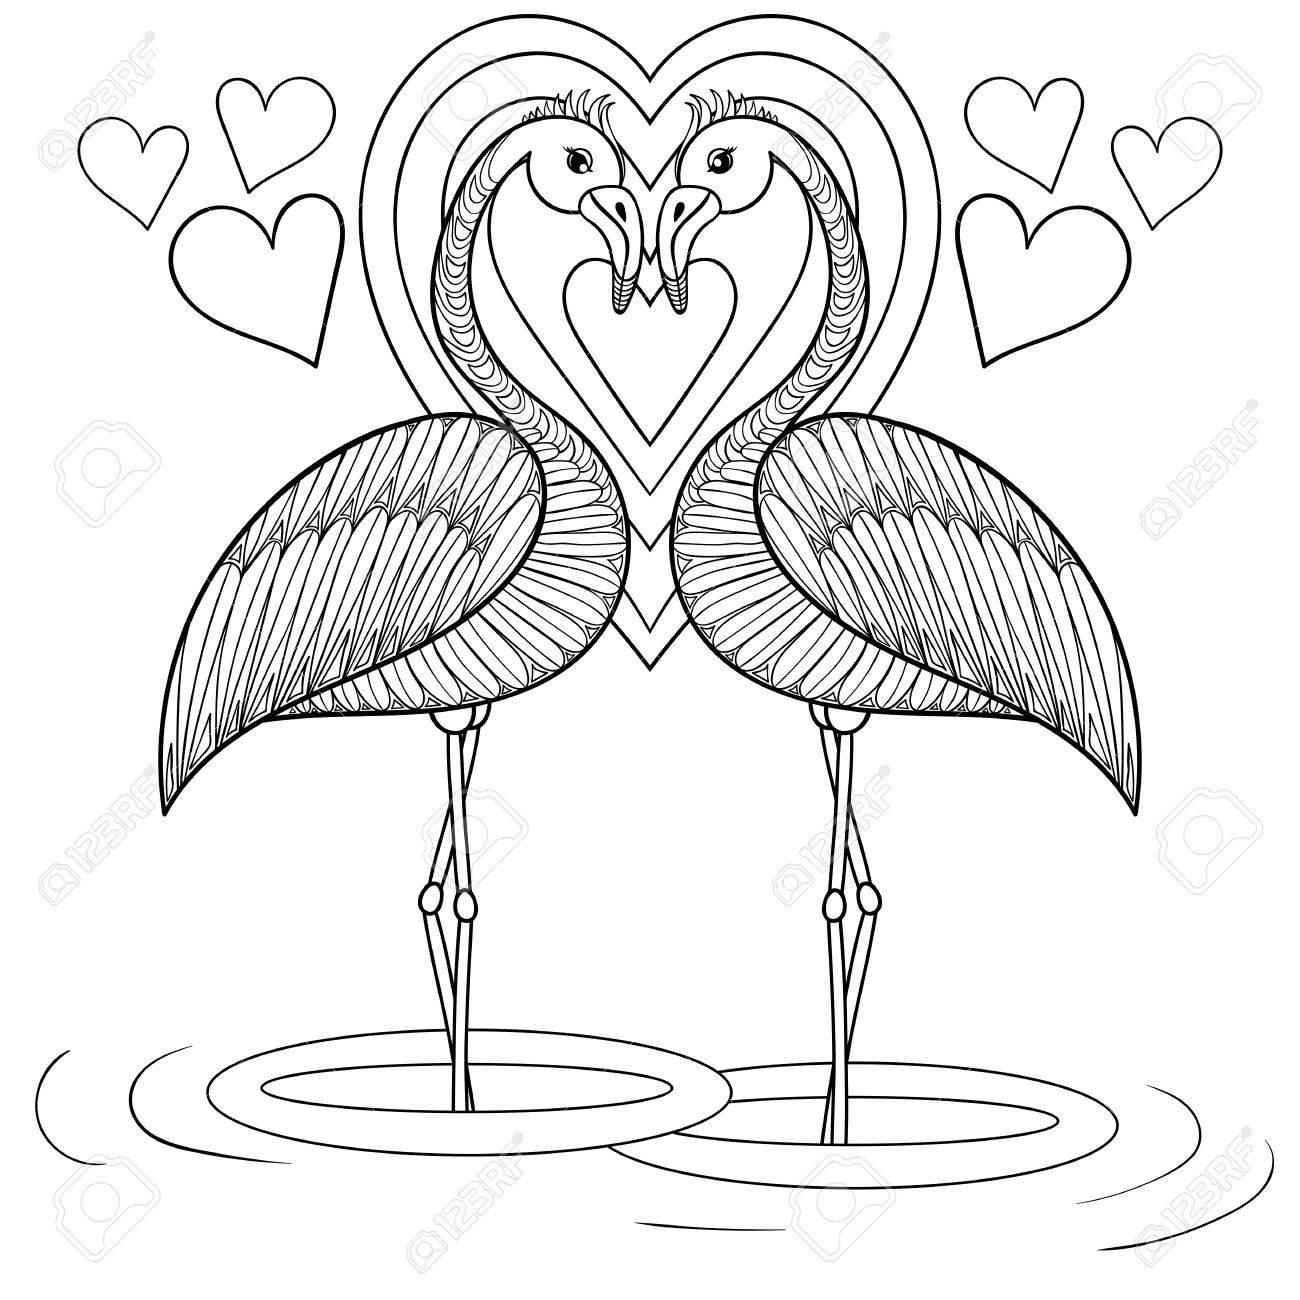 Página Para Colorear Con El Flamenco En El Amor, La Mano De Dibujo